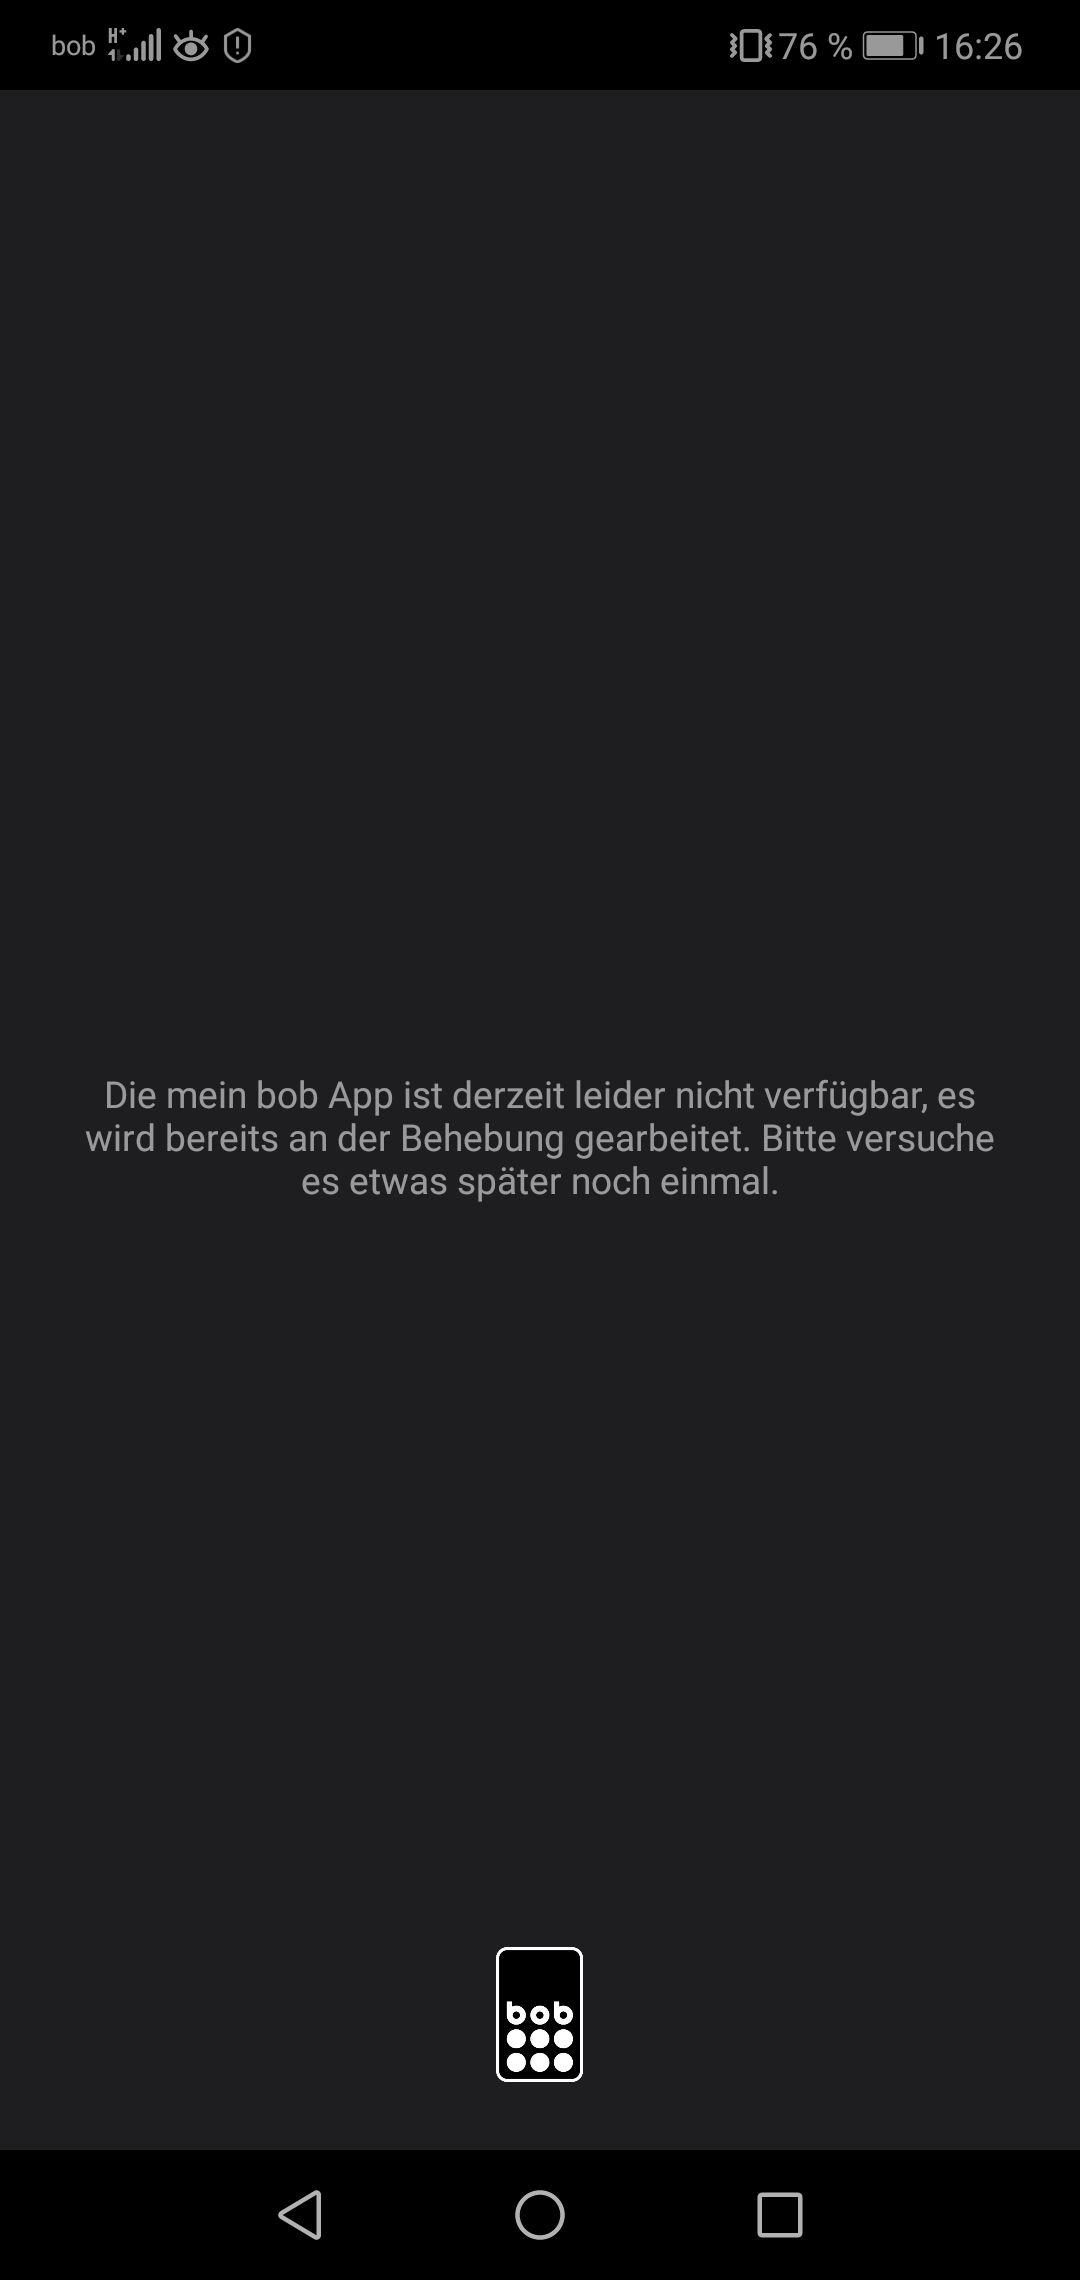 Screenshot_20180806-162602.jpg